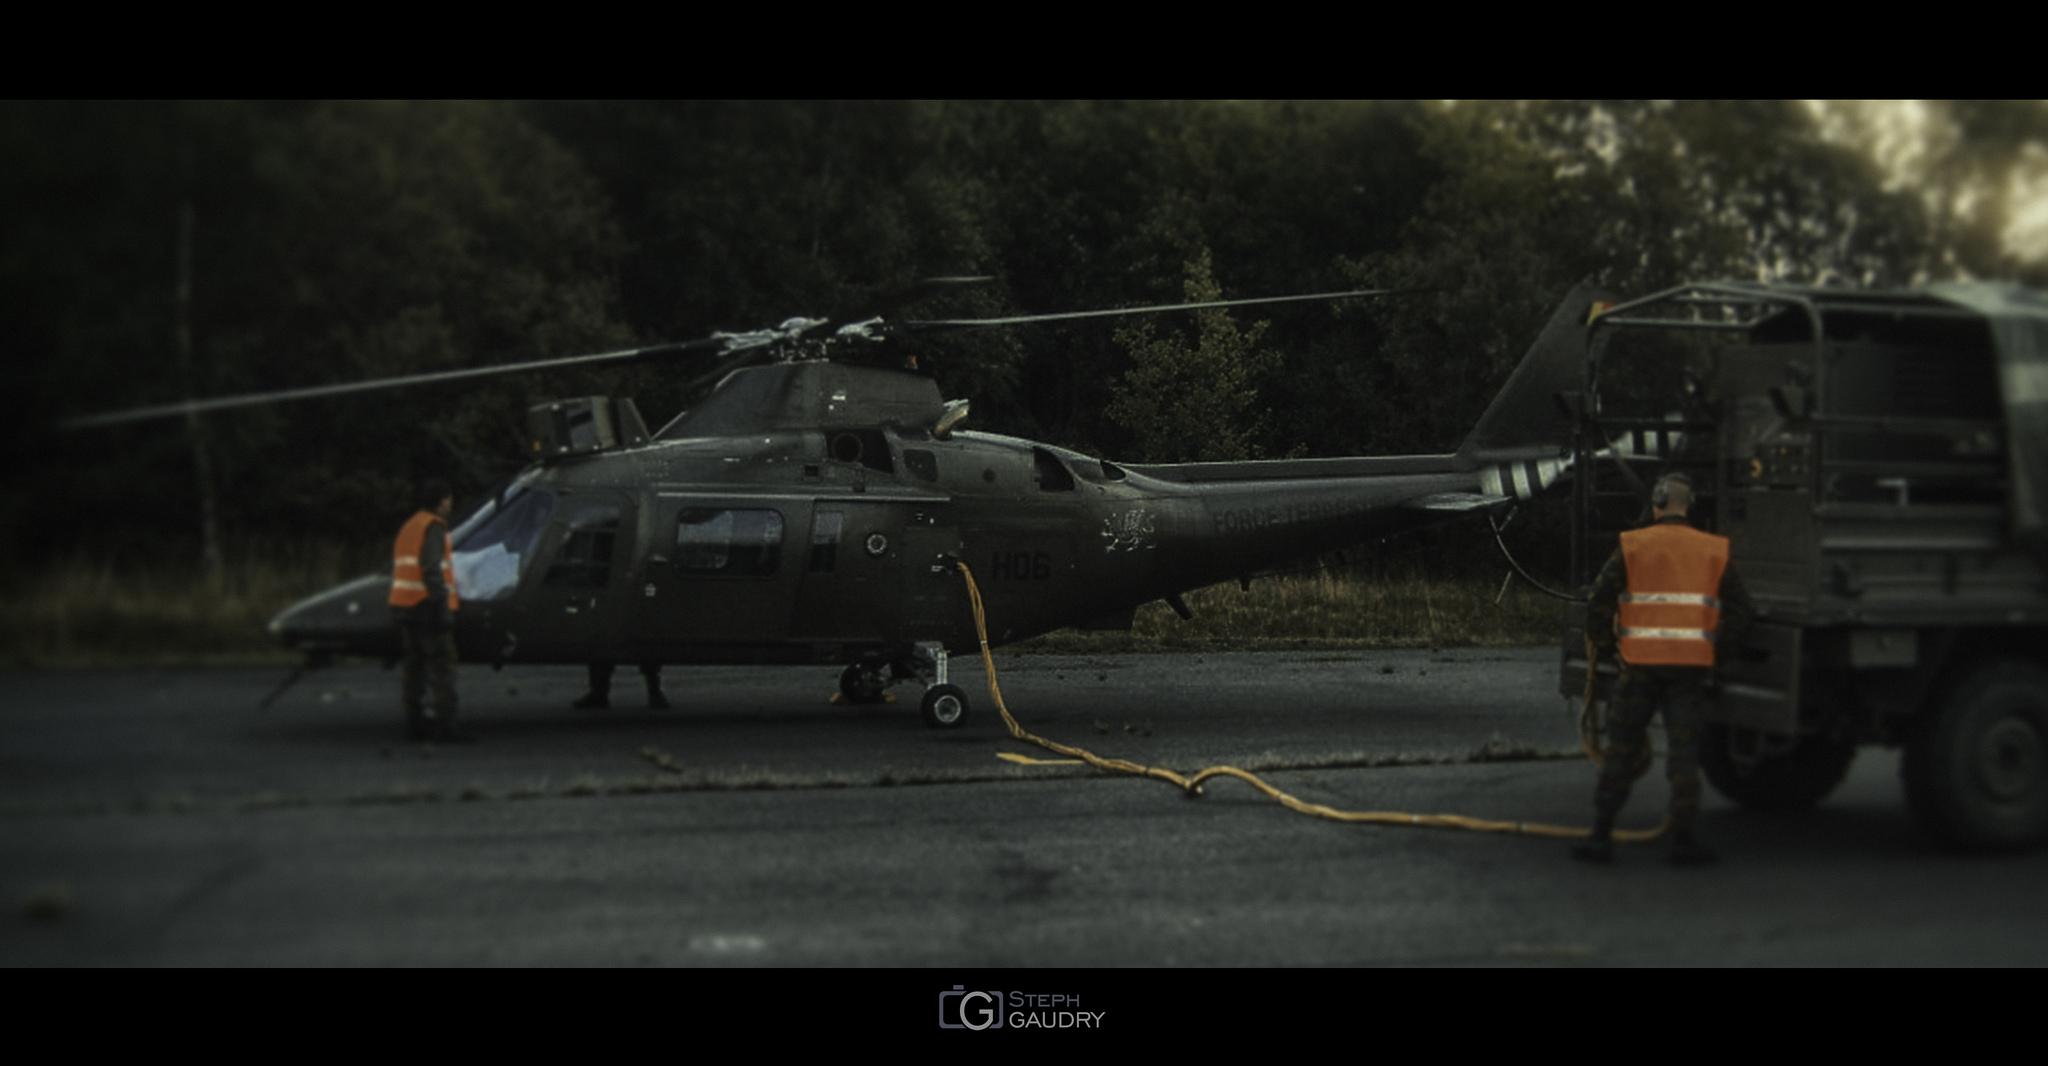 Préparatifs pour le décollage [Cliquez pour lancer le diaporama]